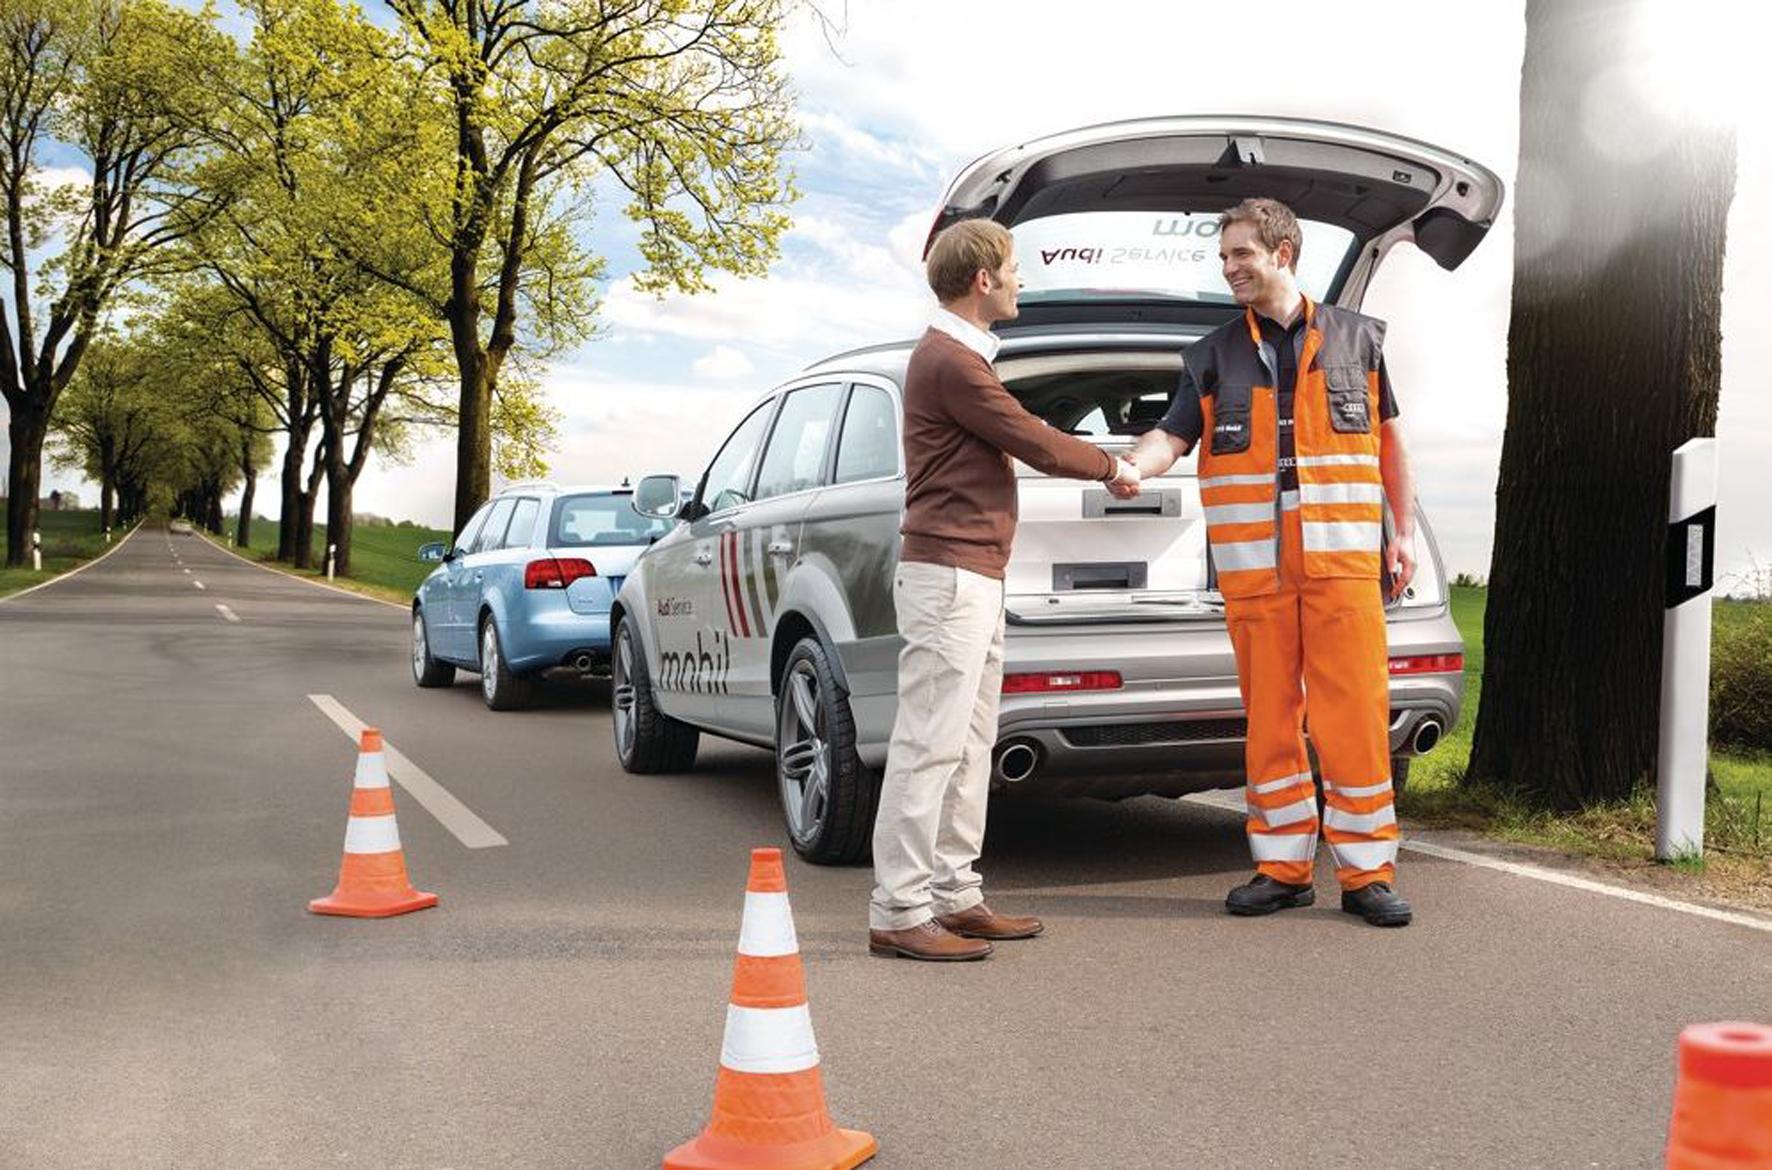 Автотехпомощь в Москве: важно - ОСА - Общество содействия автомобилистам - Услуги эксперта во всех ситуациях с автомобилем